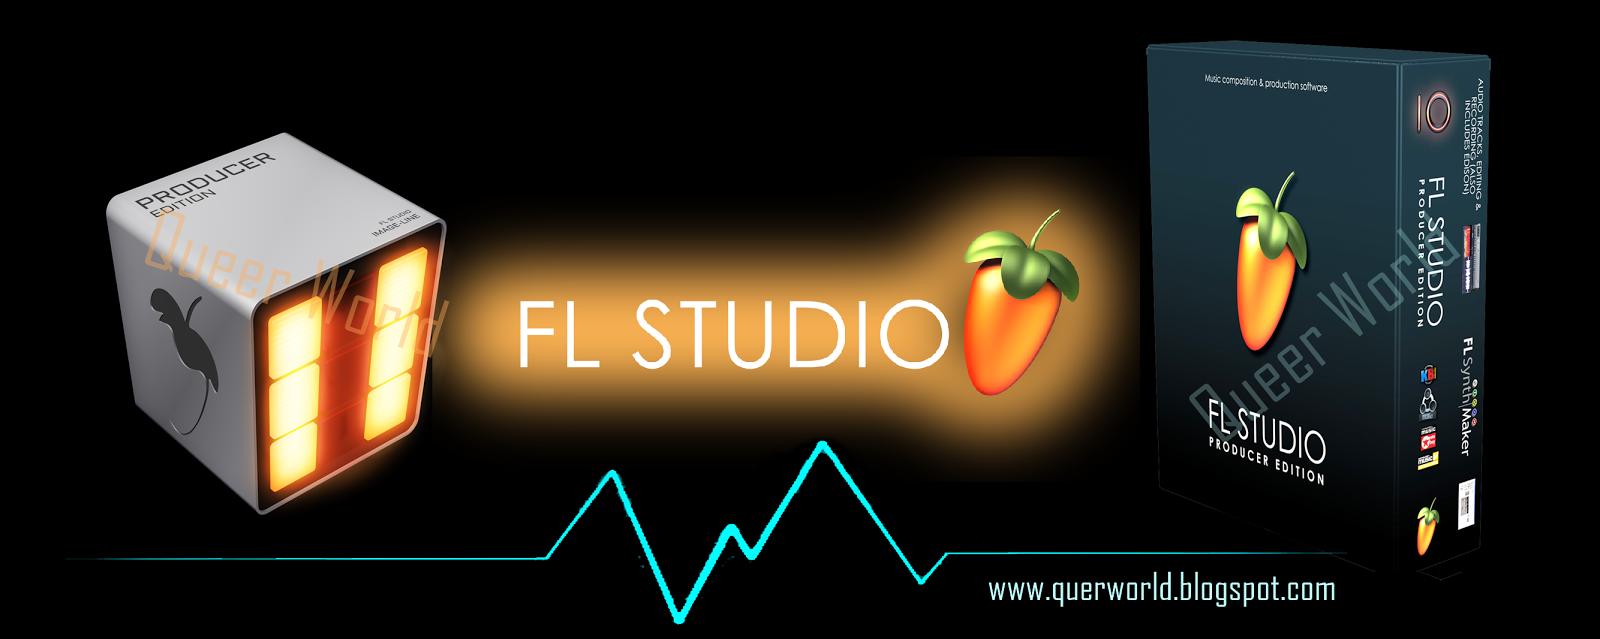 fl studio keygen 11.1.1